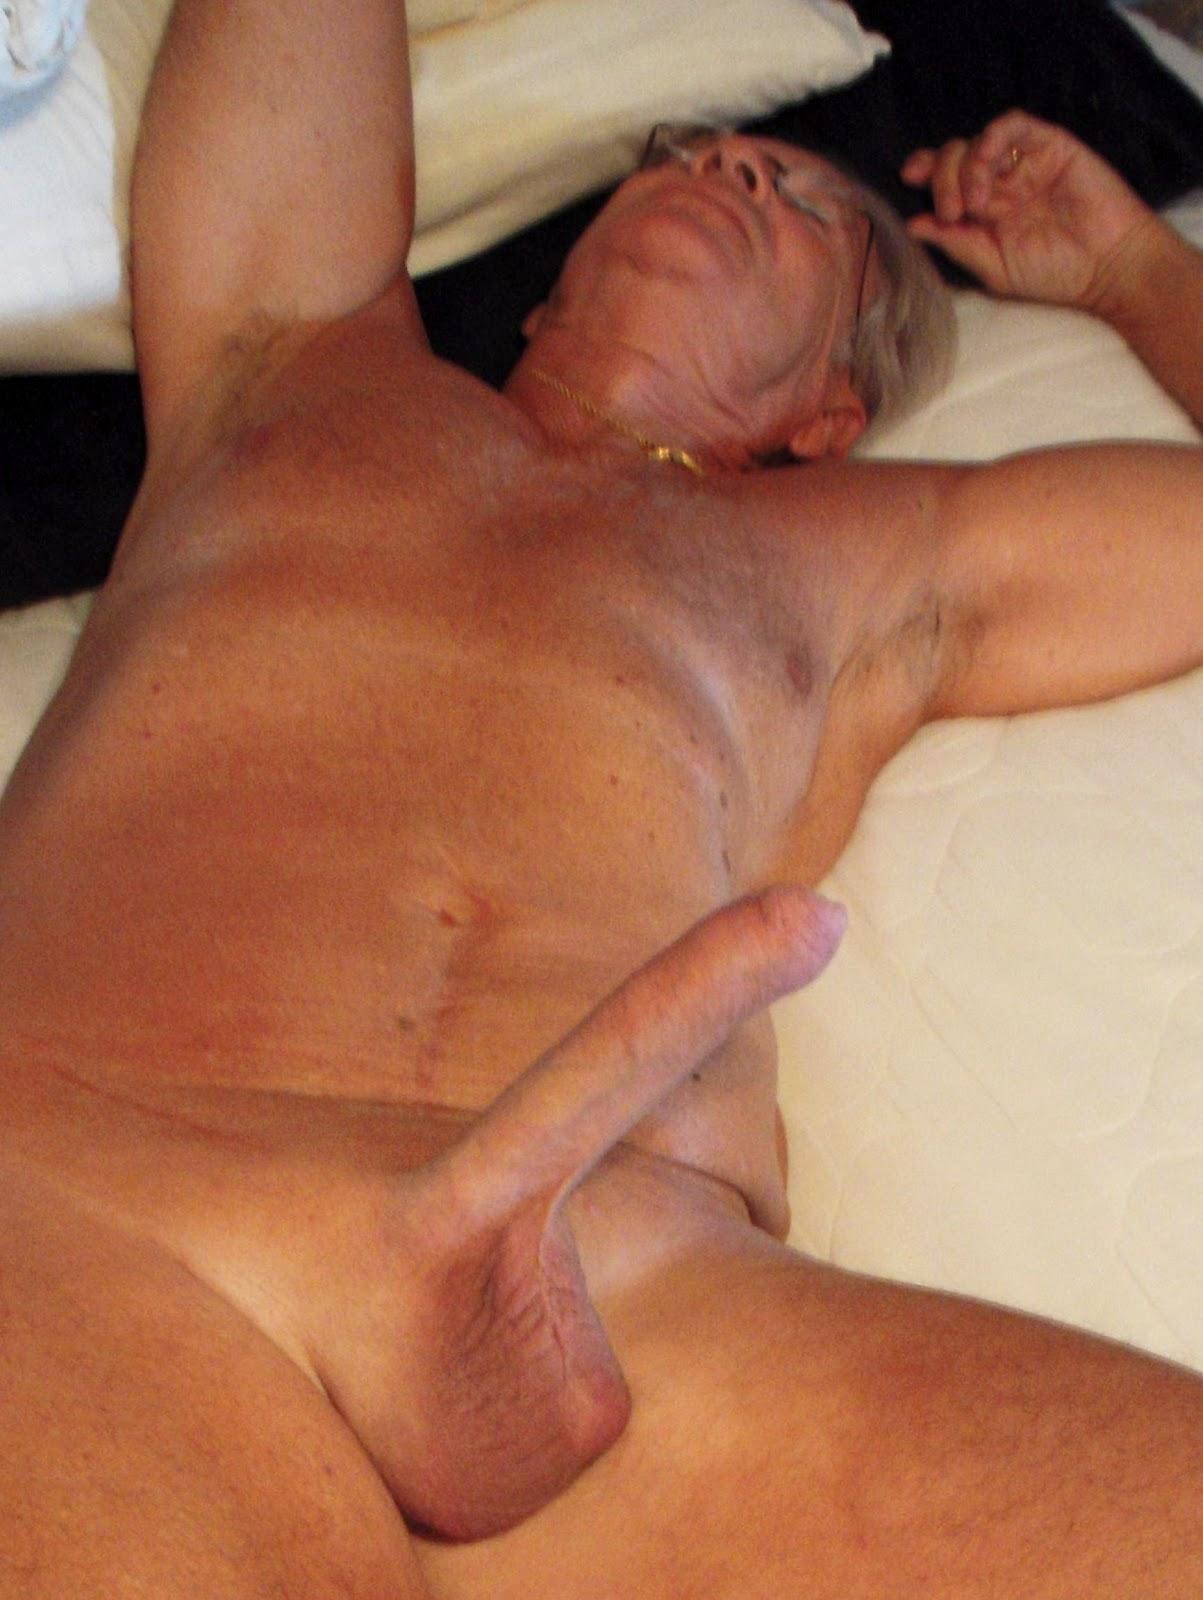 male erection ejaculation